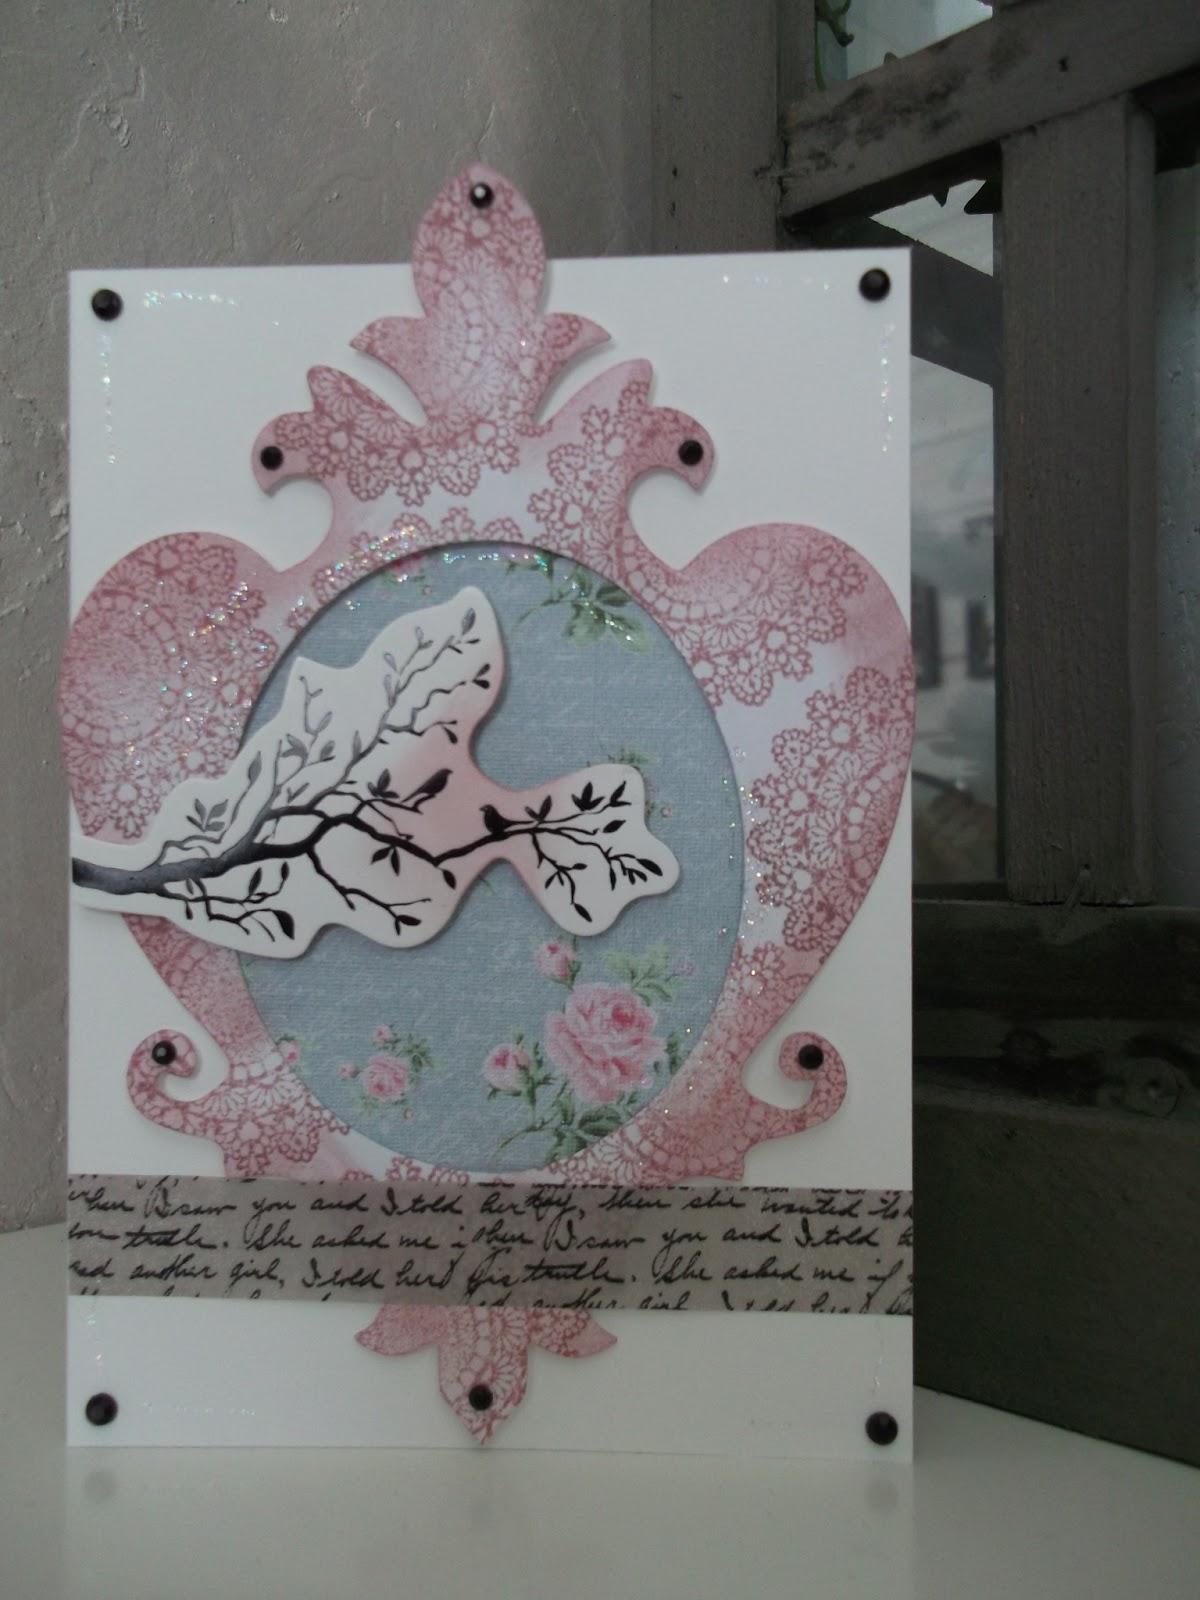 Itsetehty, värimaailmaltaan vaaleanpunainen kortti, jossa oksakuva